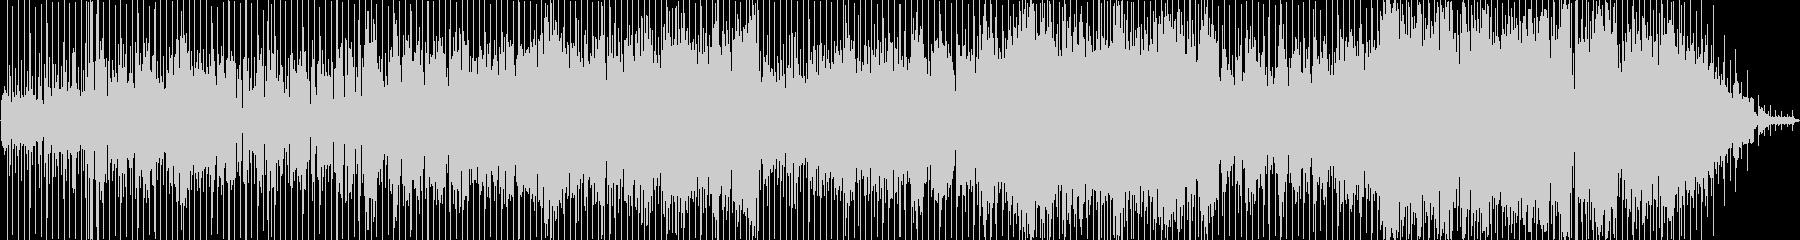 ヒップホップ風のリズムのR&Bバラードの未再生の波形